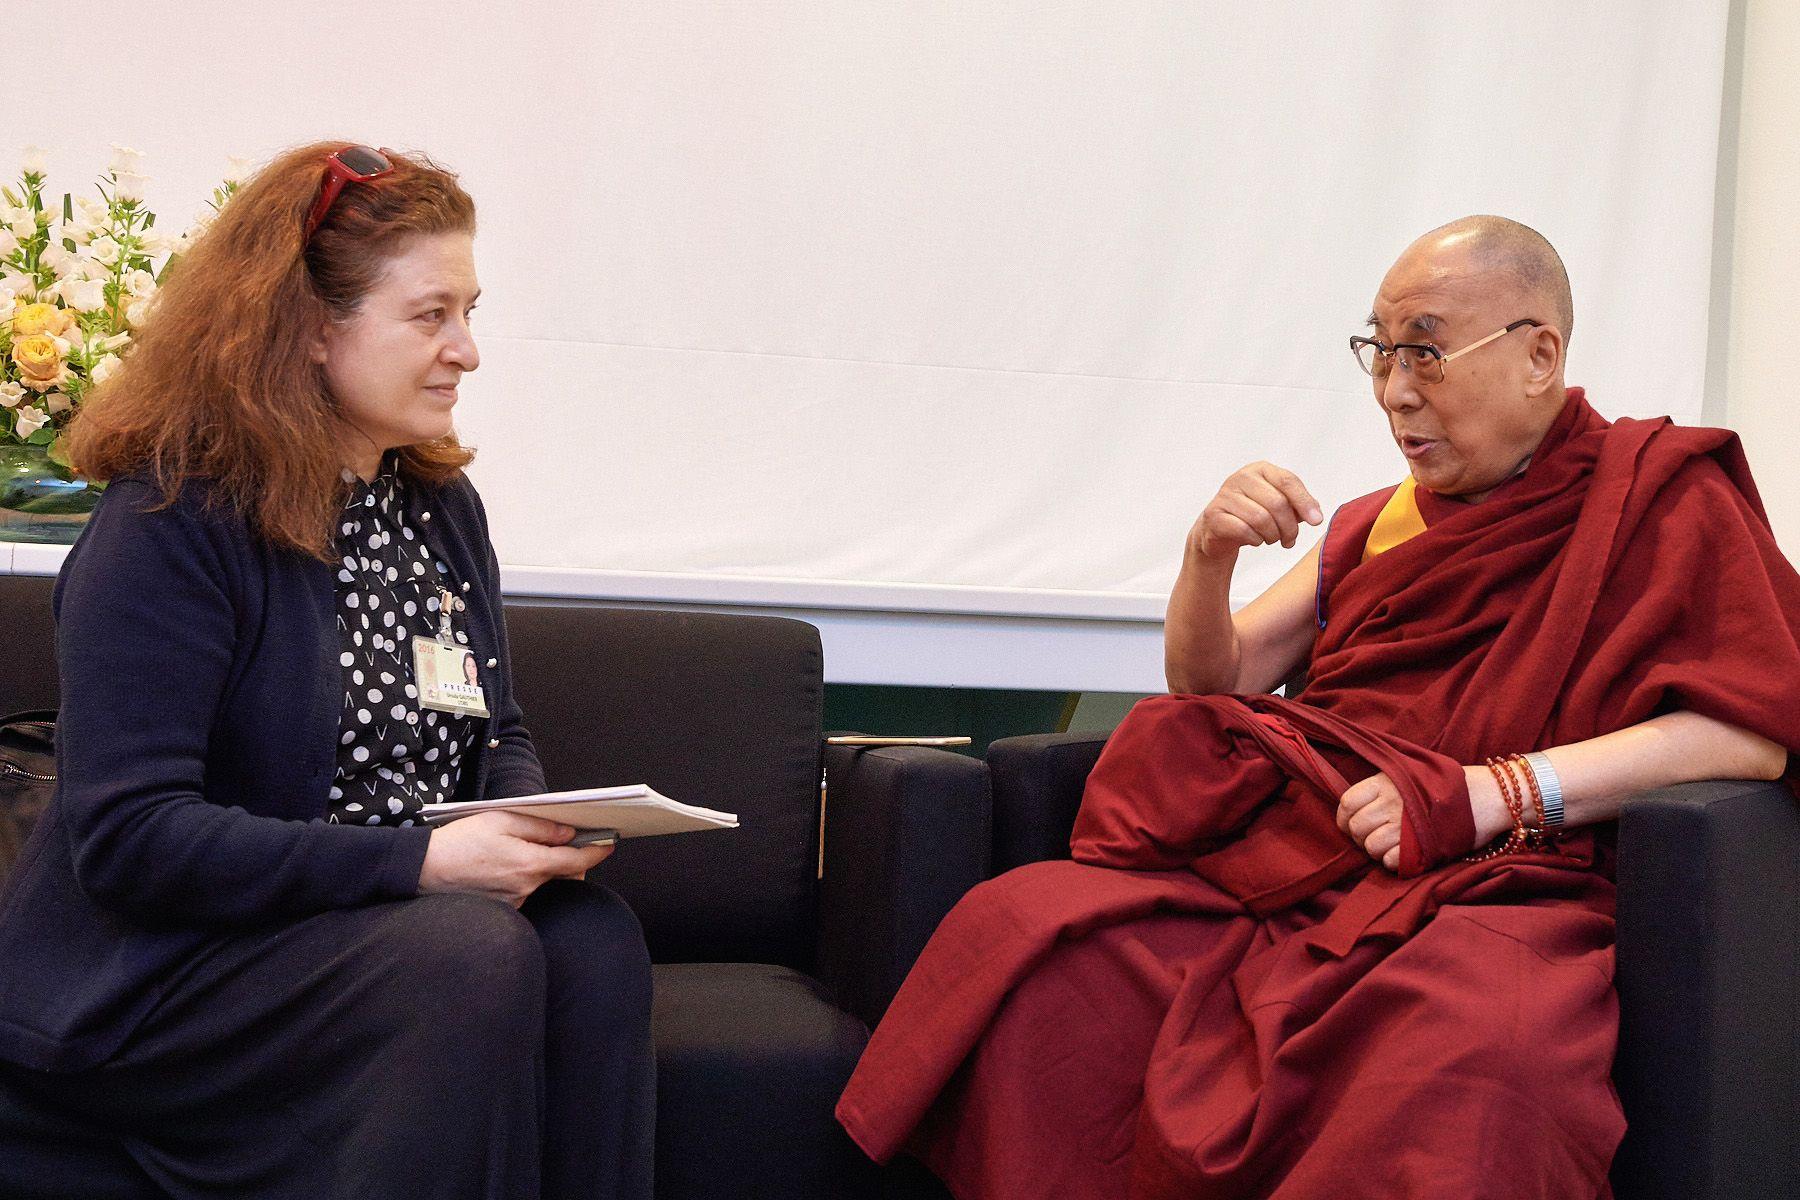 Entretien exclusif avec le maître spirituel tibétain lors de son passage à Strasbourg. Avec toujours la même obsession : comment faire pour ne pas sombrer dans la violence?